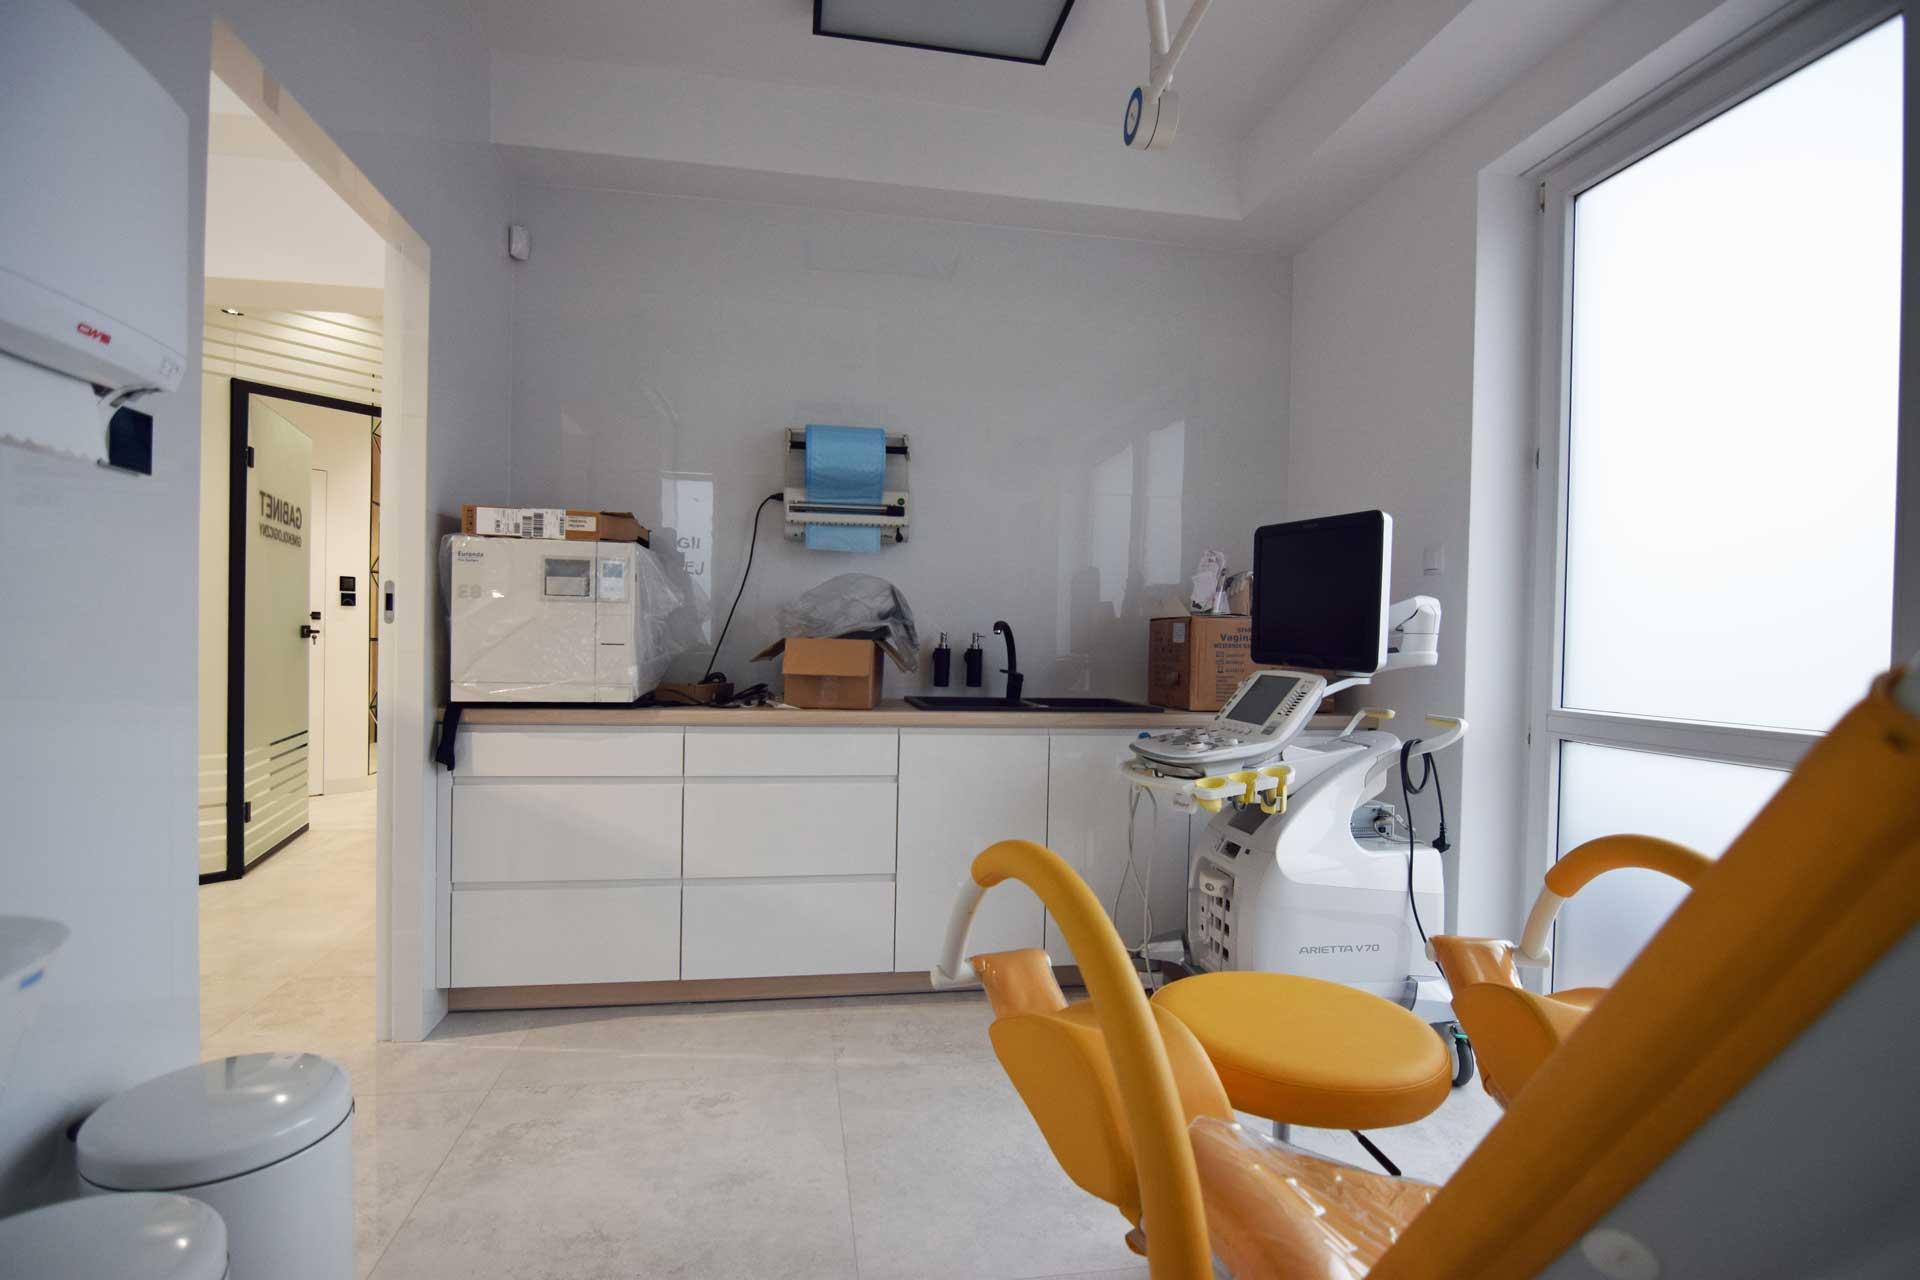 gabinet-ginekologiczny-mobiliani-006